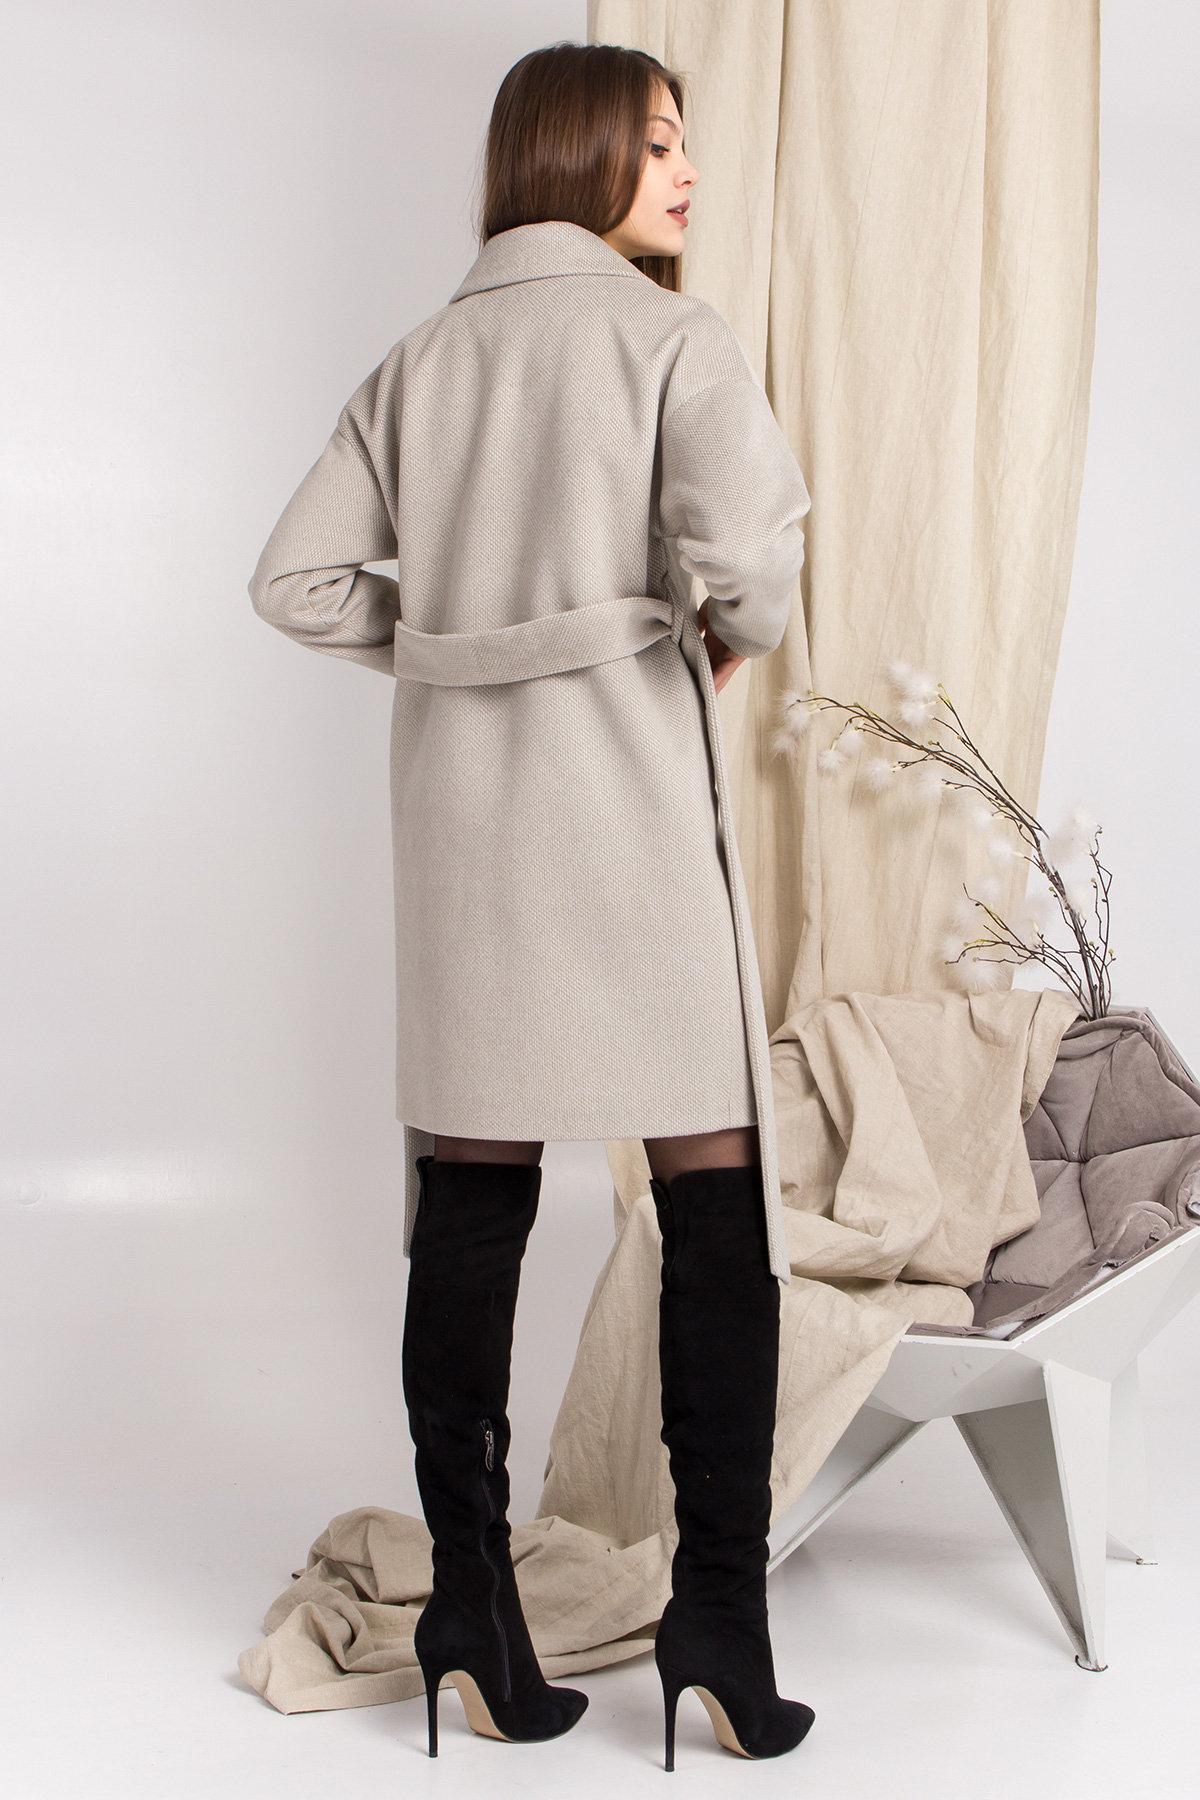 Демисезонное двубортное пальто Сенсей 8845 АРТ. 45218 Цвет: Олива - фото 3, интернет магазин tm-modus.ru